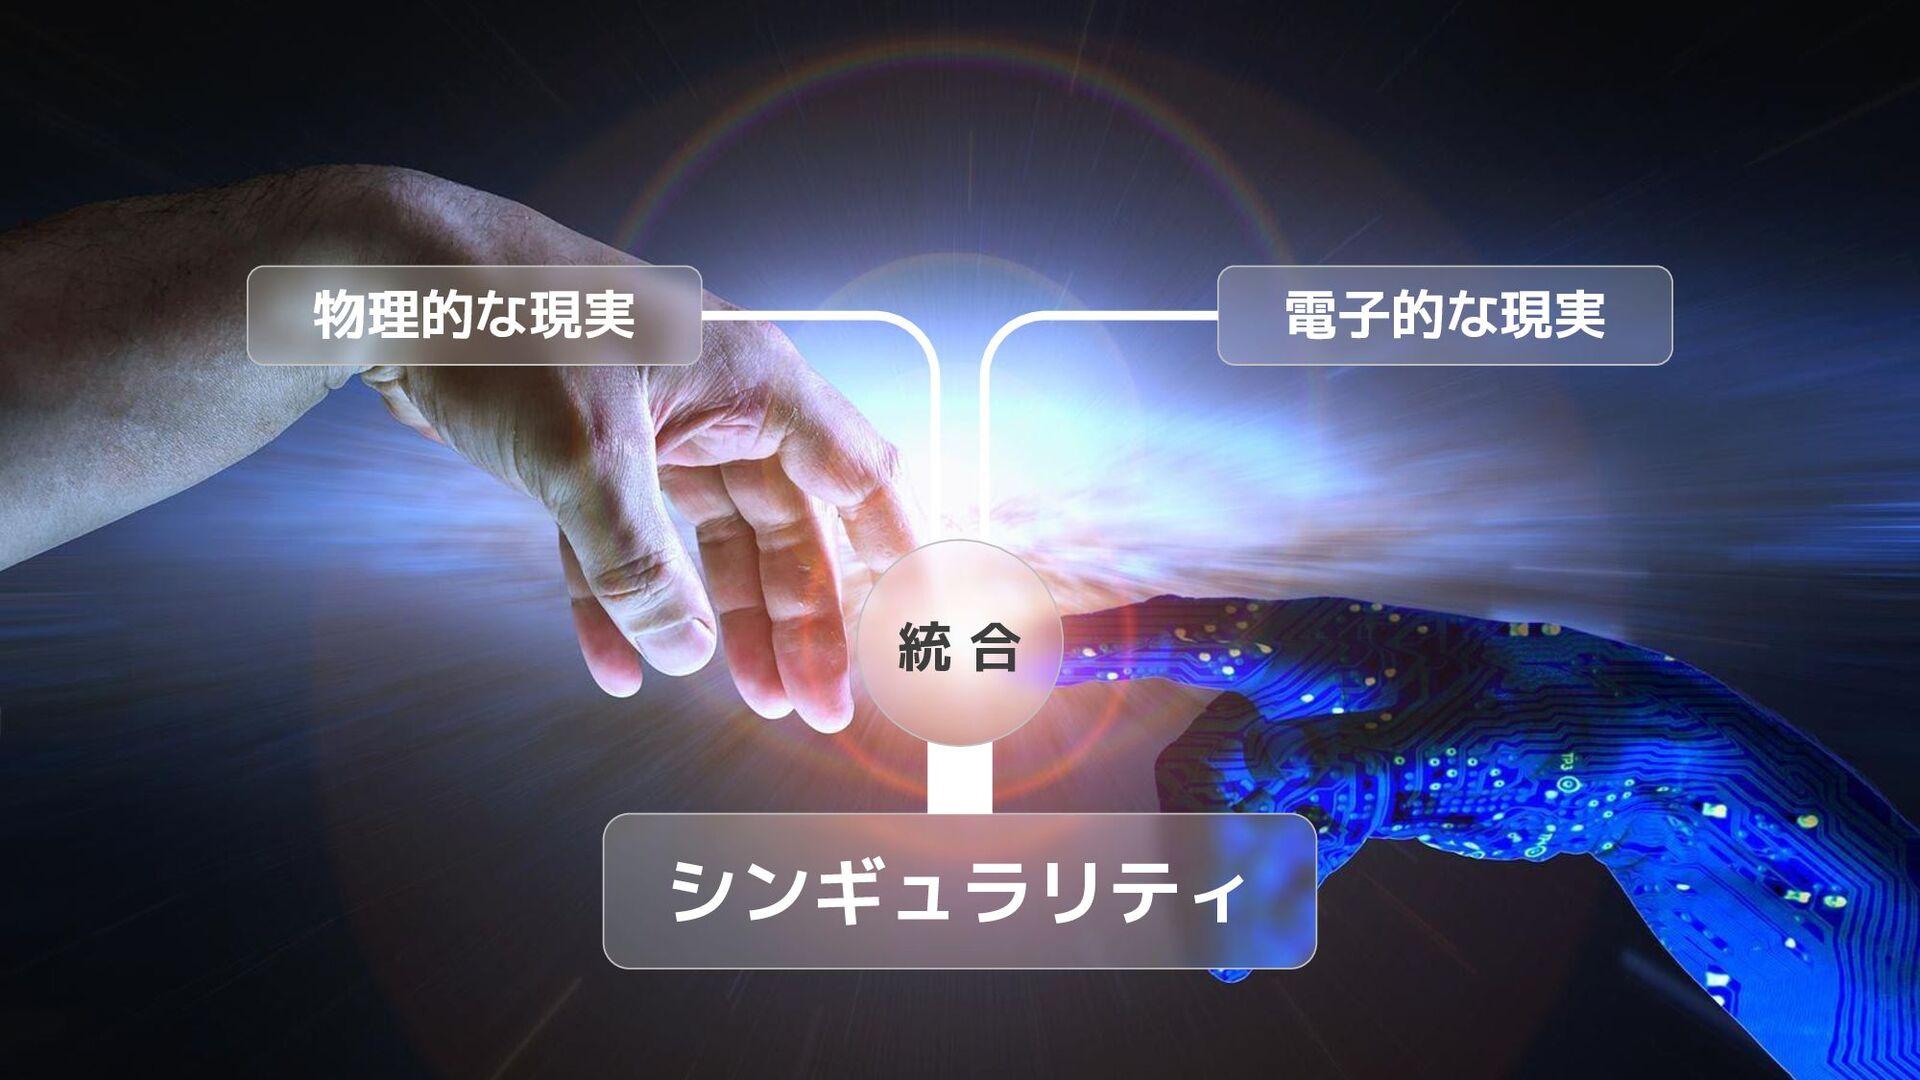 物理的な現実 電子的な現実 統合 シンギュラリティ